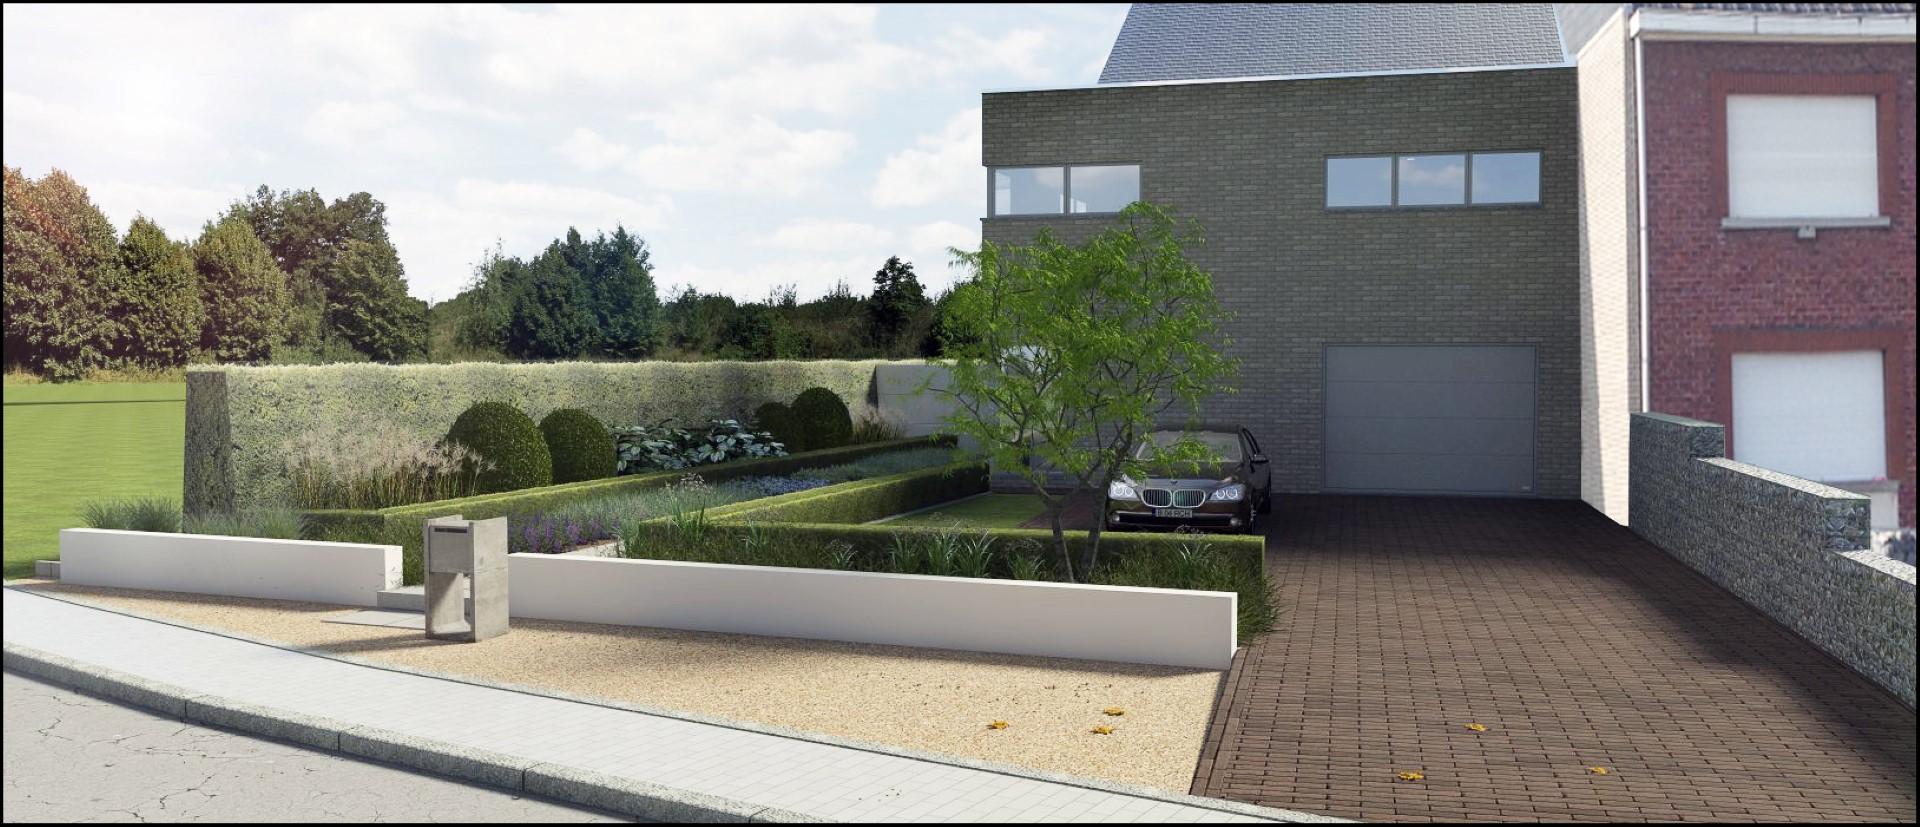 Eco tuinarchitectengroep 3d projecten voortuin for Afbeelding van moderne huizen